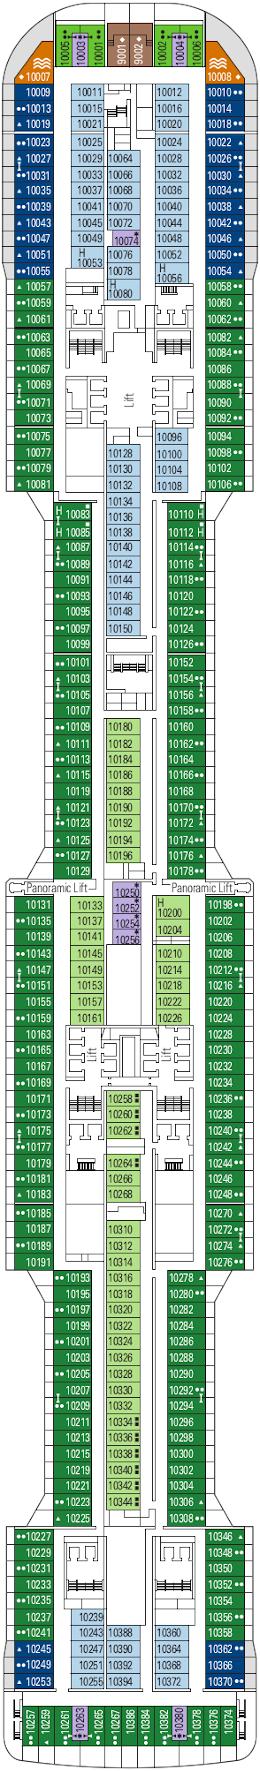 Msc Meraviglia Hagia Sophia Deck Deck Plan